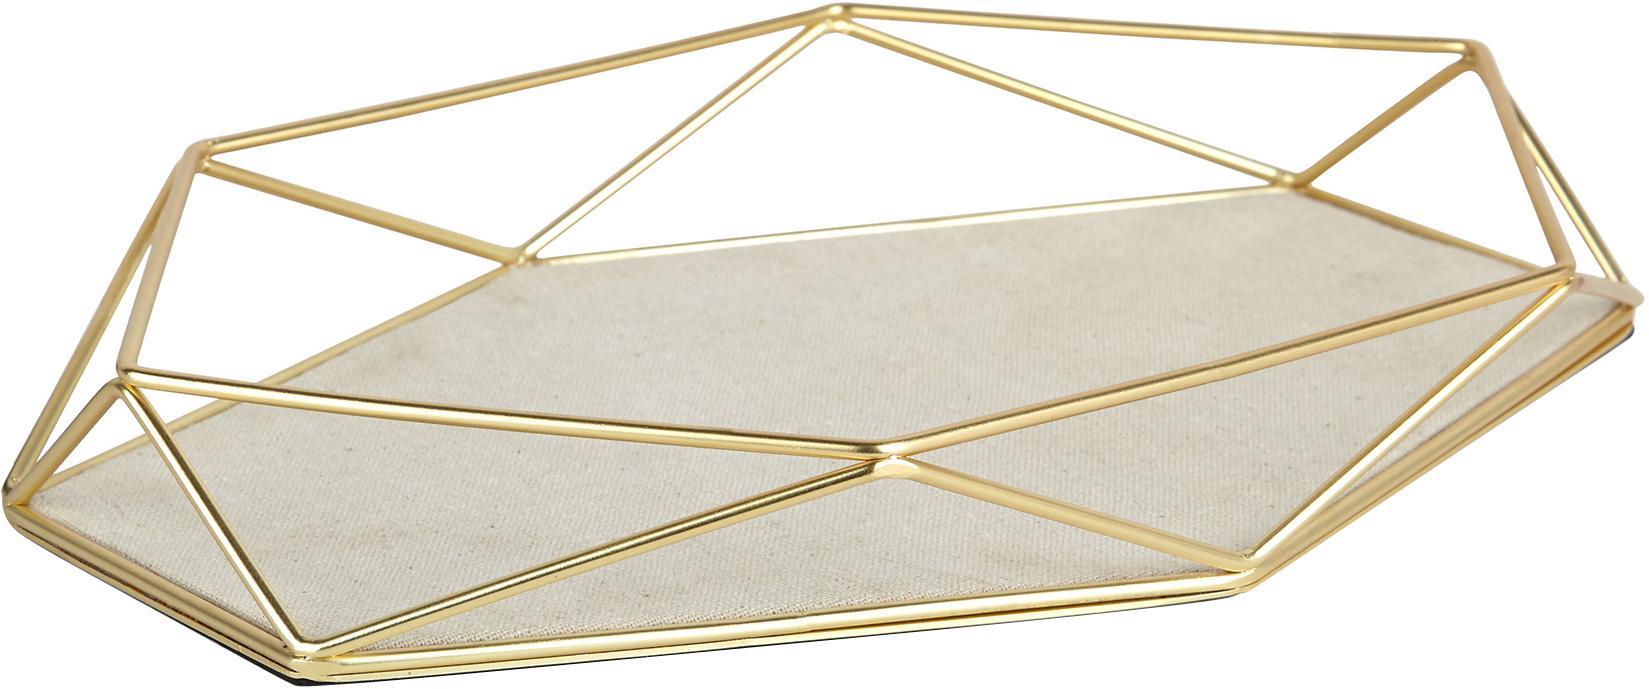 Vassoio decorativo Prisma, Struttura: acciaio ottonato placcato, Scaffale: acciaio, lino, Ottone, taupe chiaro, L 28 x A 4 cm